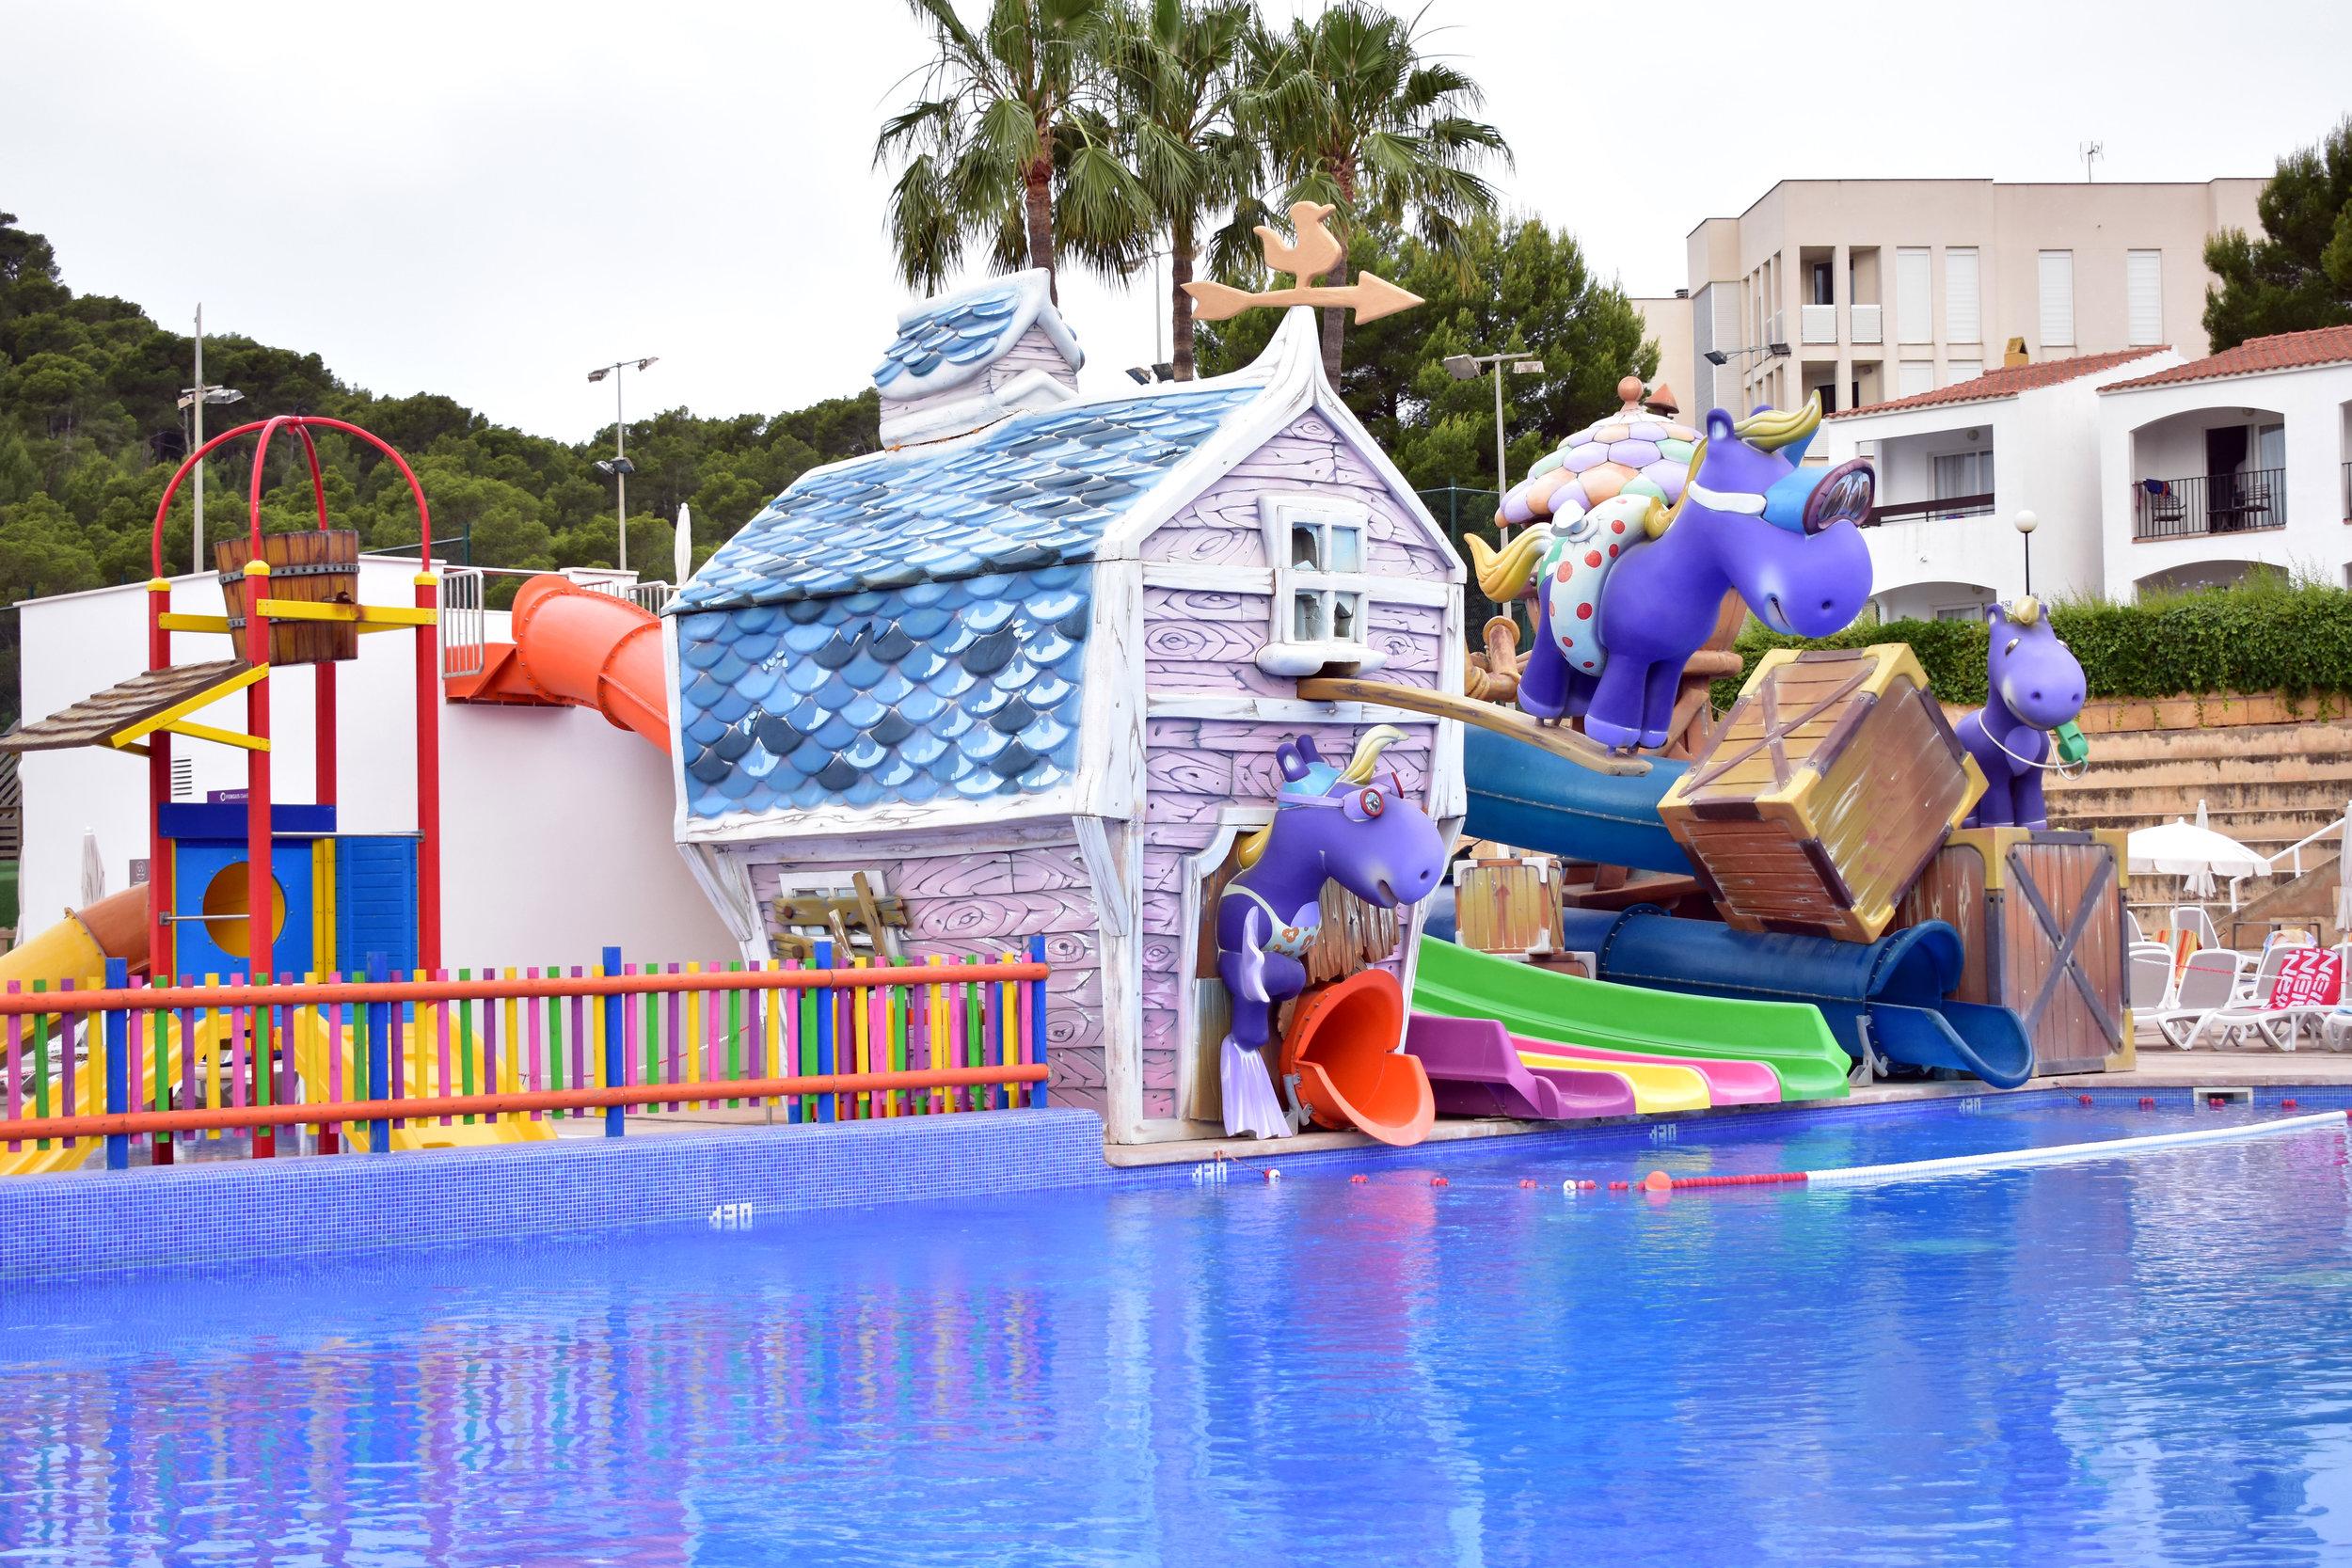 fergus club europa kids pool 2.jpg